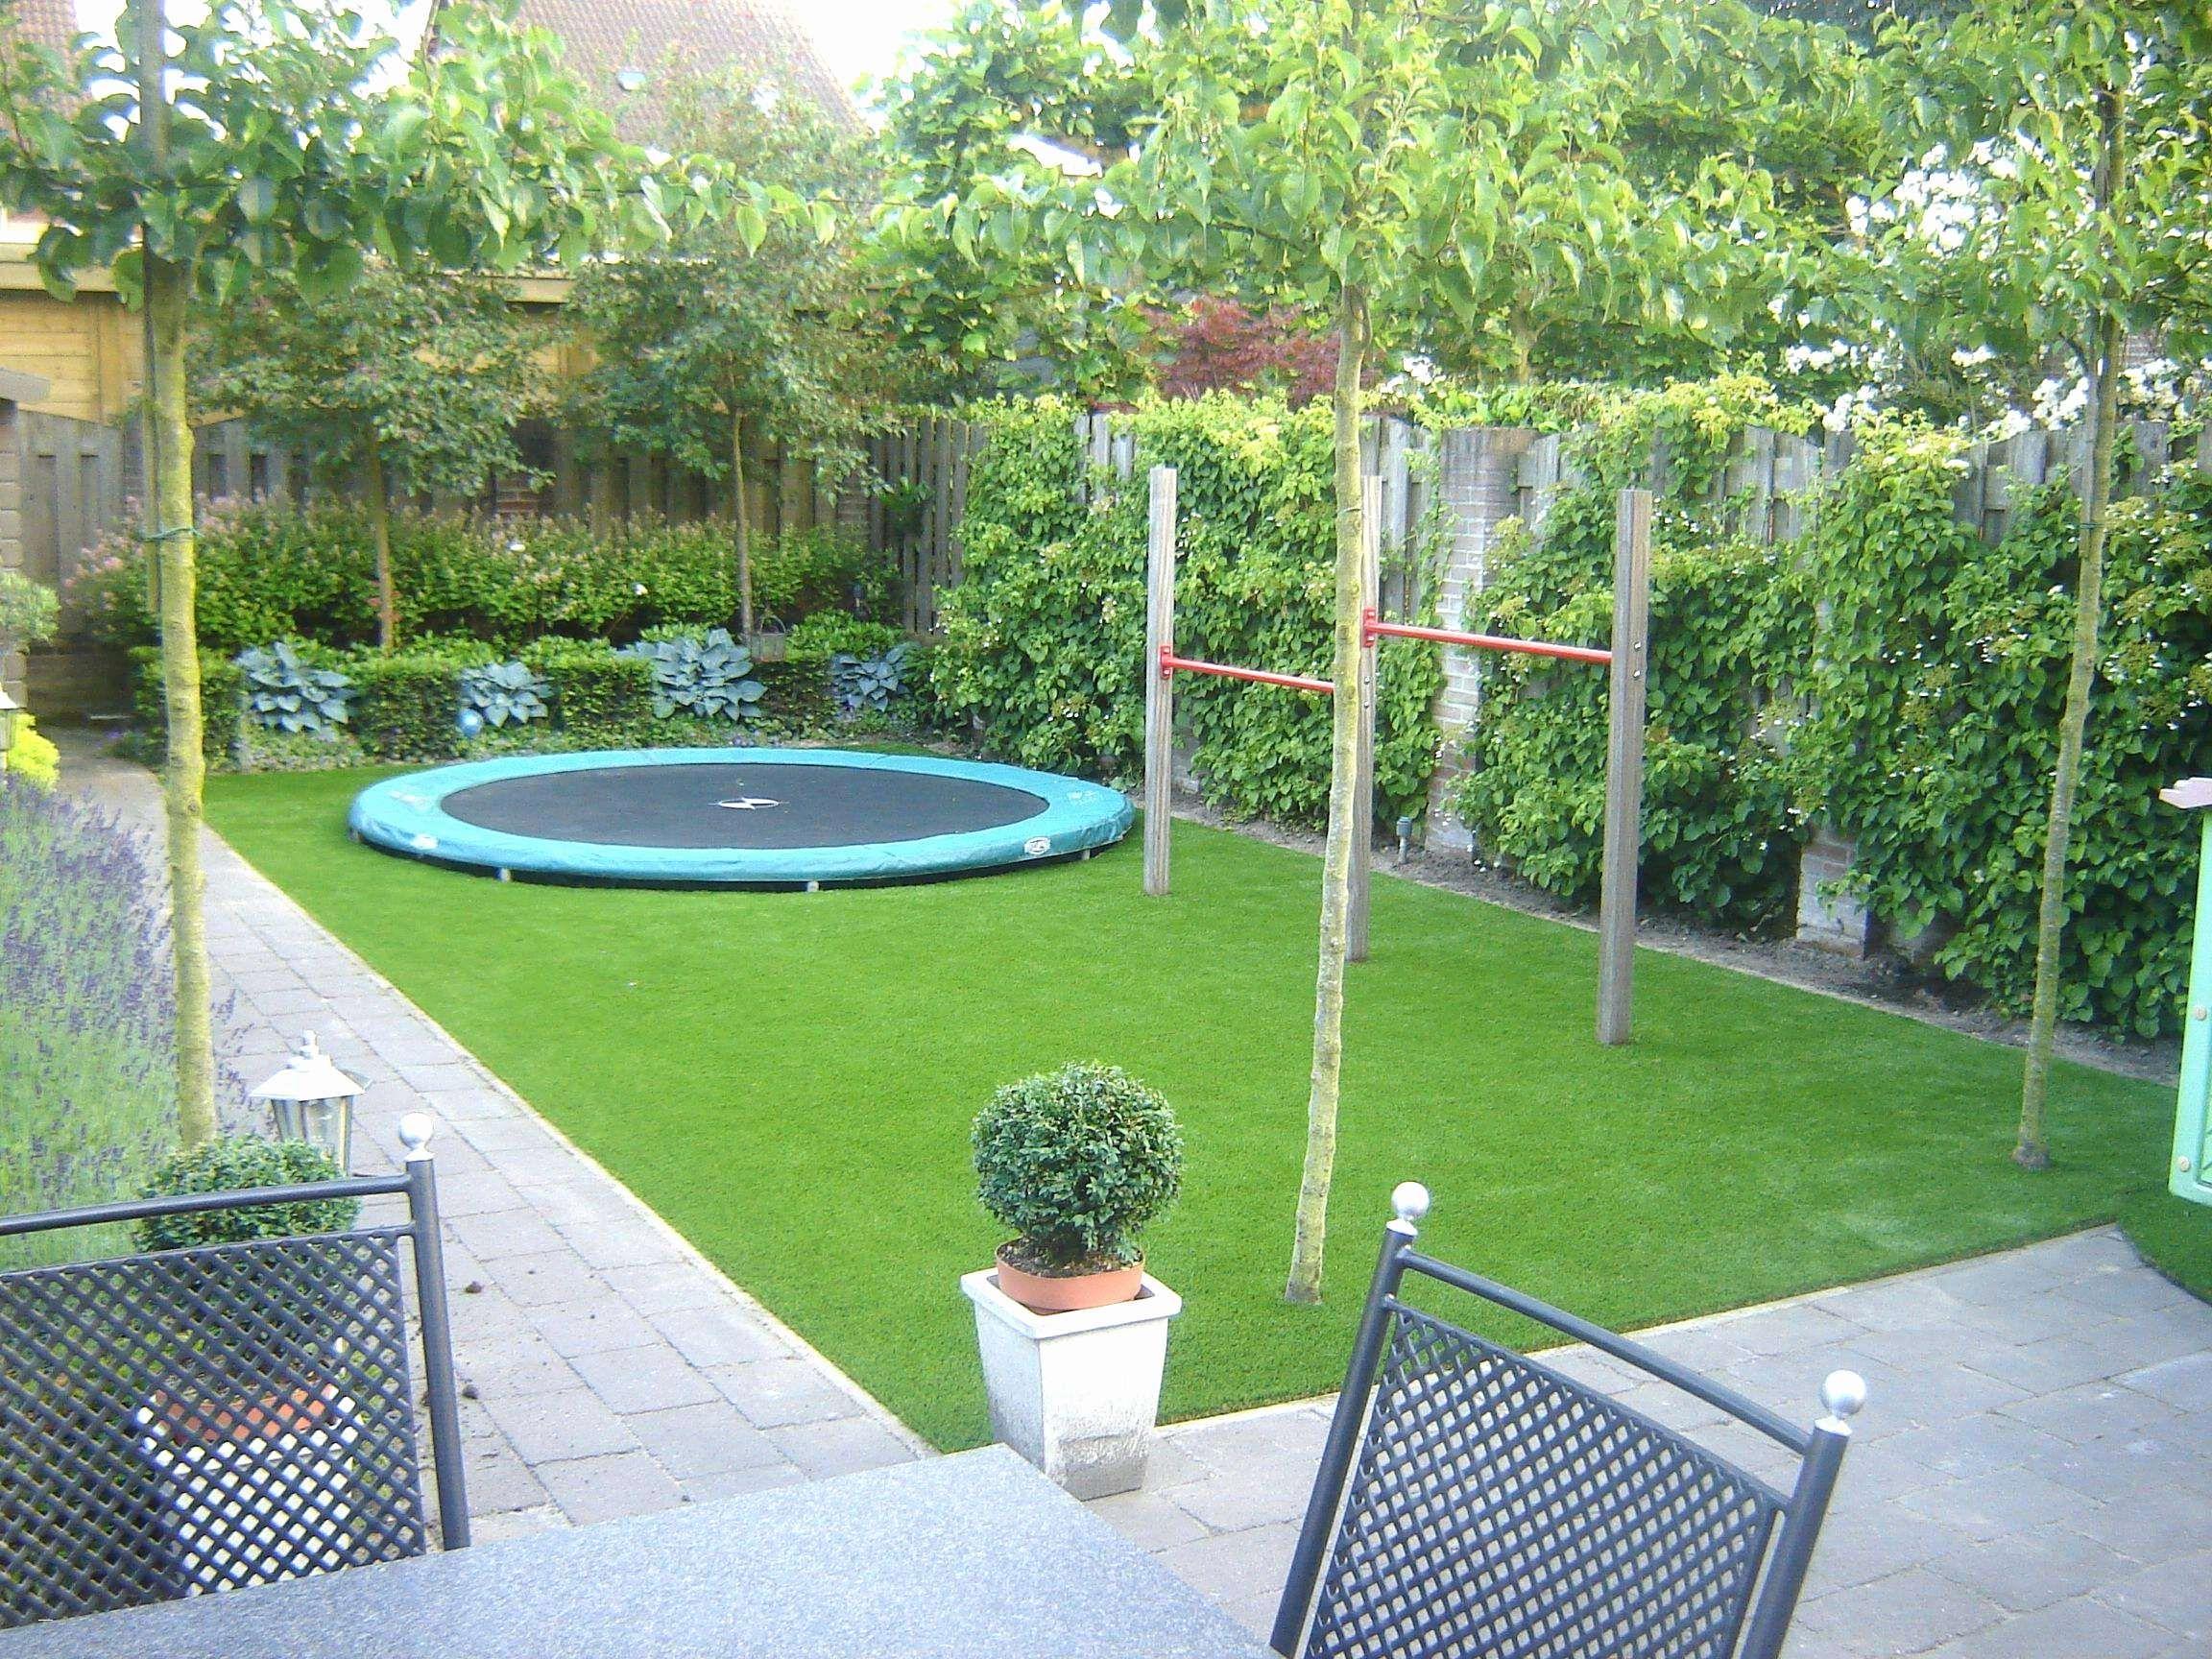 Kleiner Garten Mit Pool Gestalten Einzigartig Ideen Kleinen Garten Gestalten Frisch Frisch Woh Small Garden Backyard Garden Design Family Garden